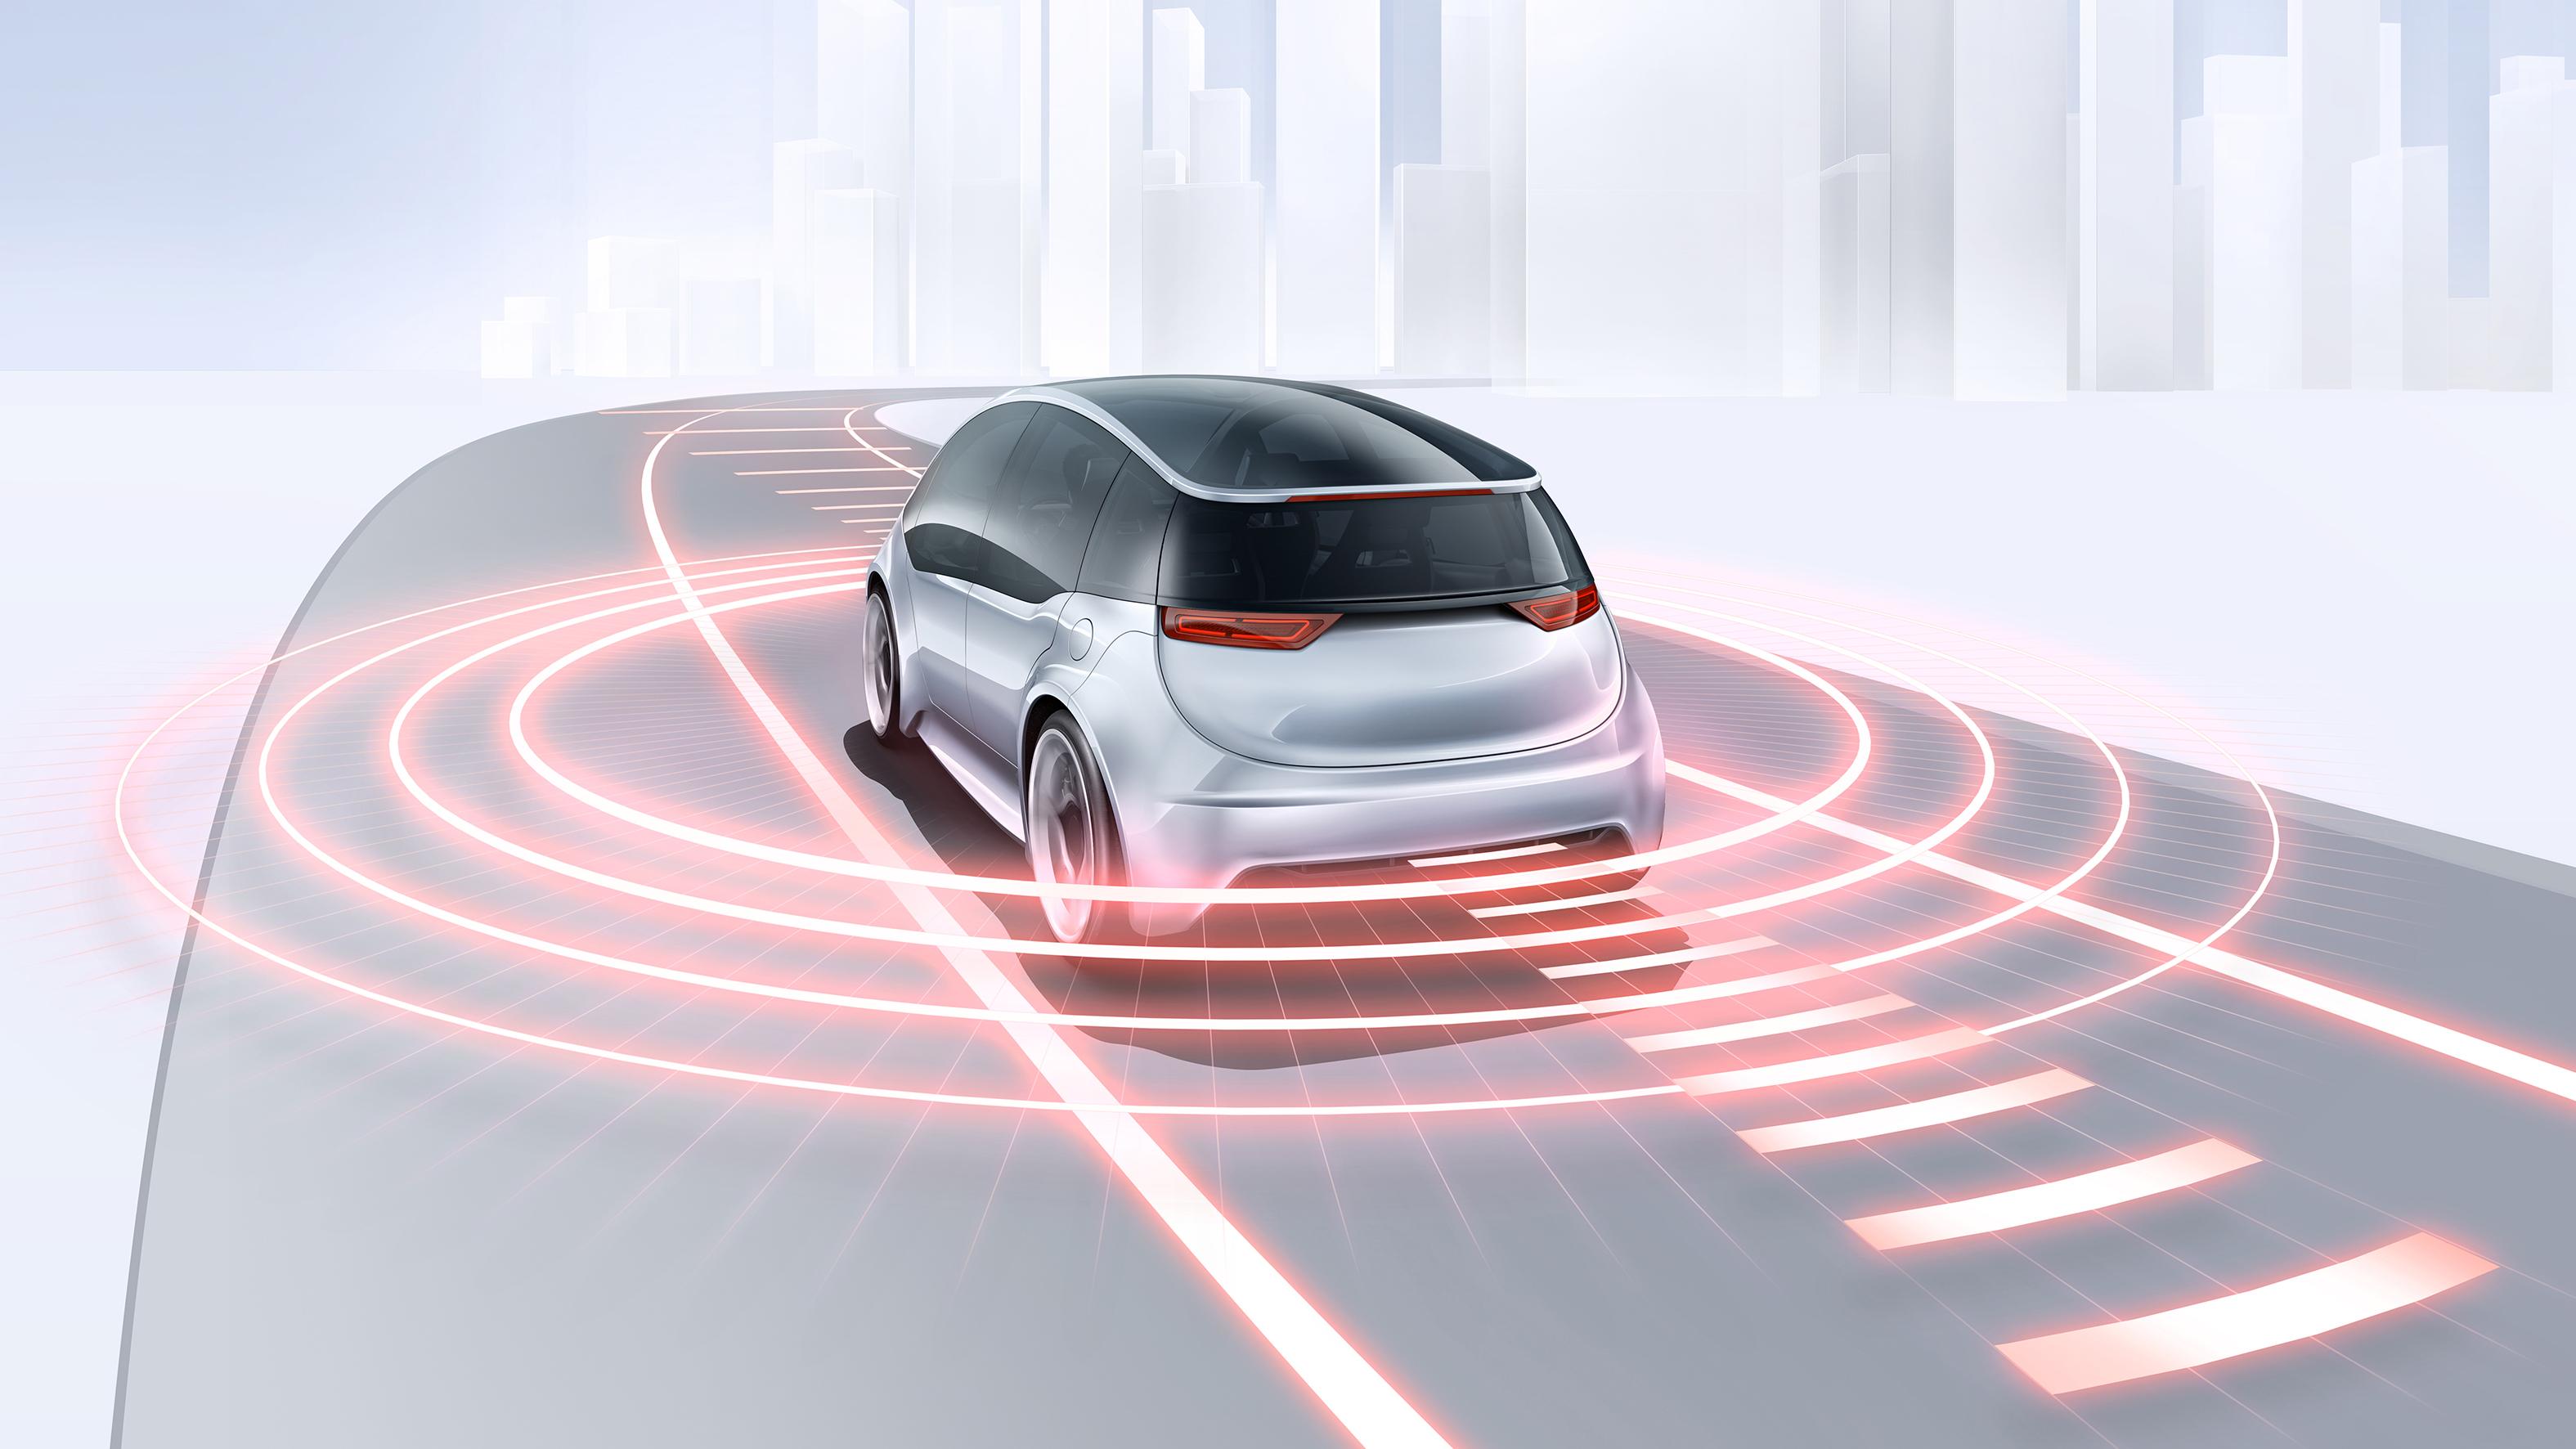 Sicurezza ai massimi livelli: Bosch completa il proprio portafoglio di prodotti per la guida autonoma